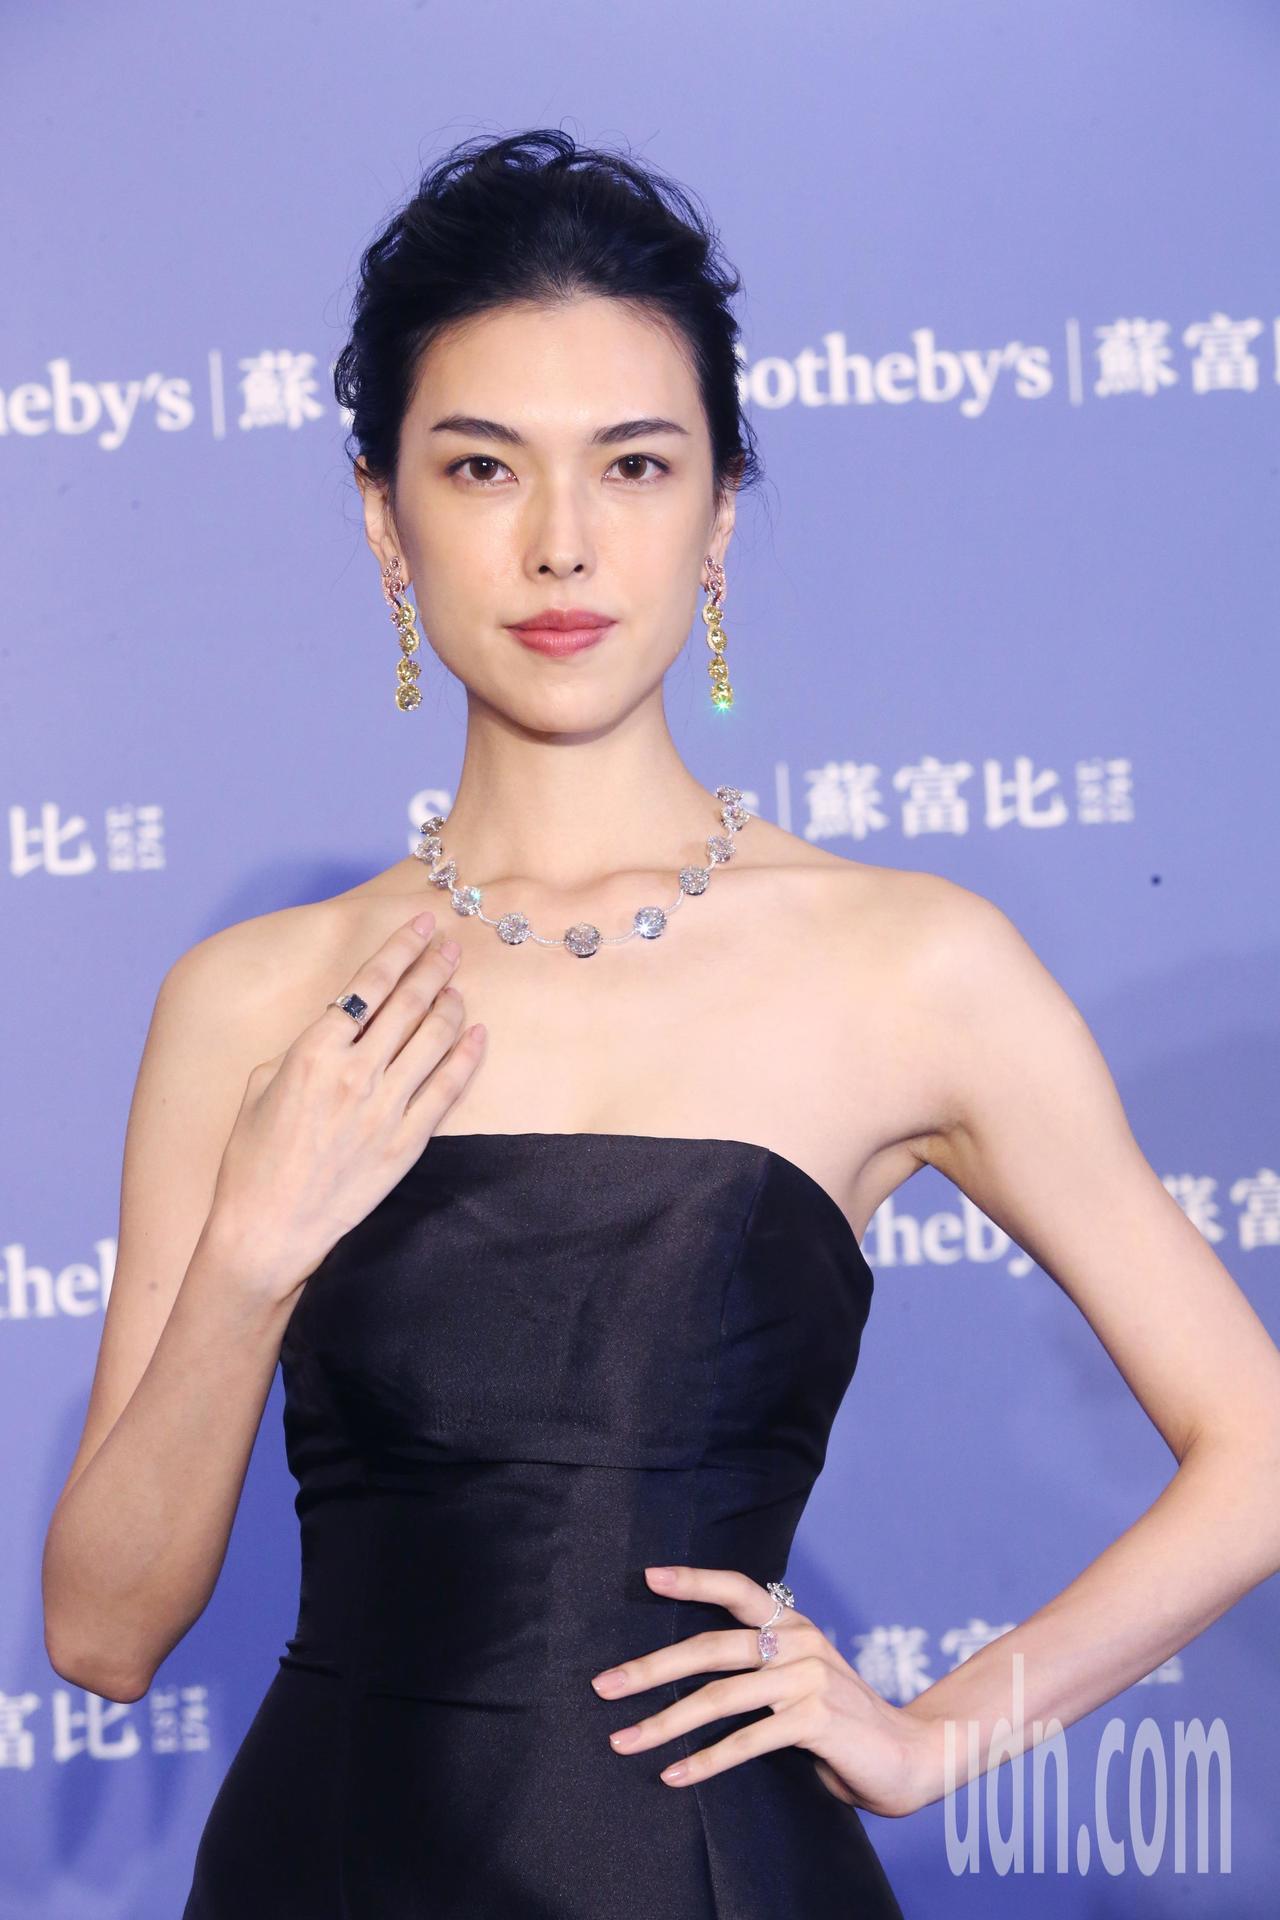 模特兒演繹重點珠寶及名錶精品。記者徐兆玄/攝影